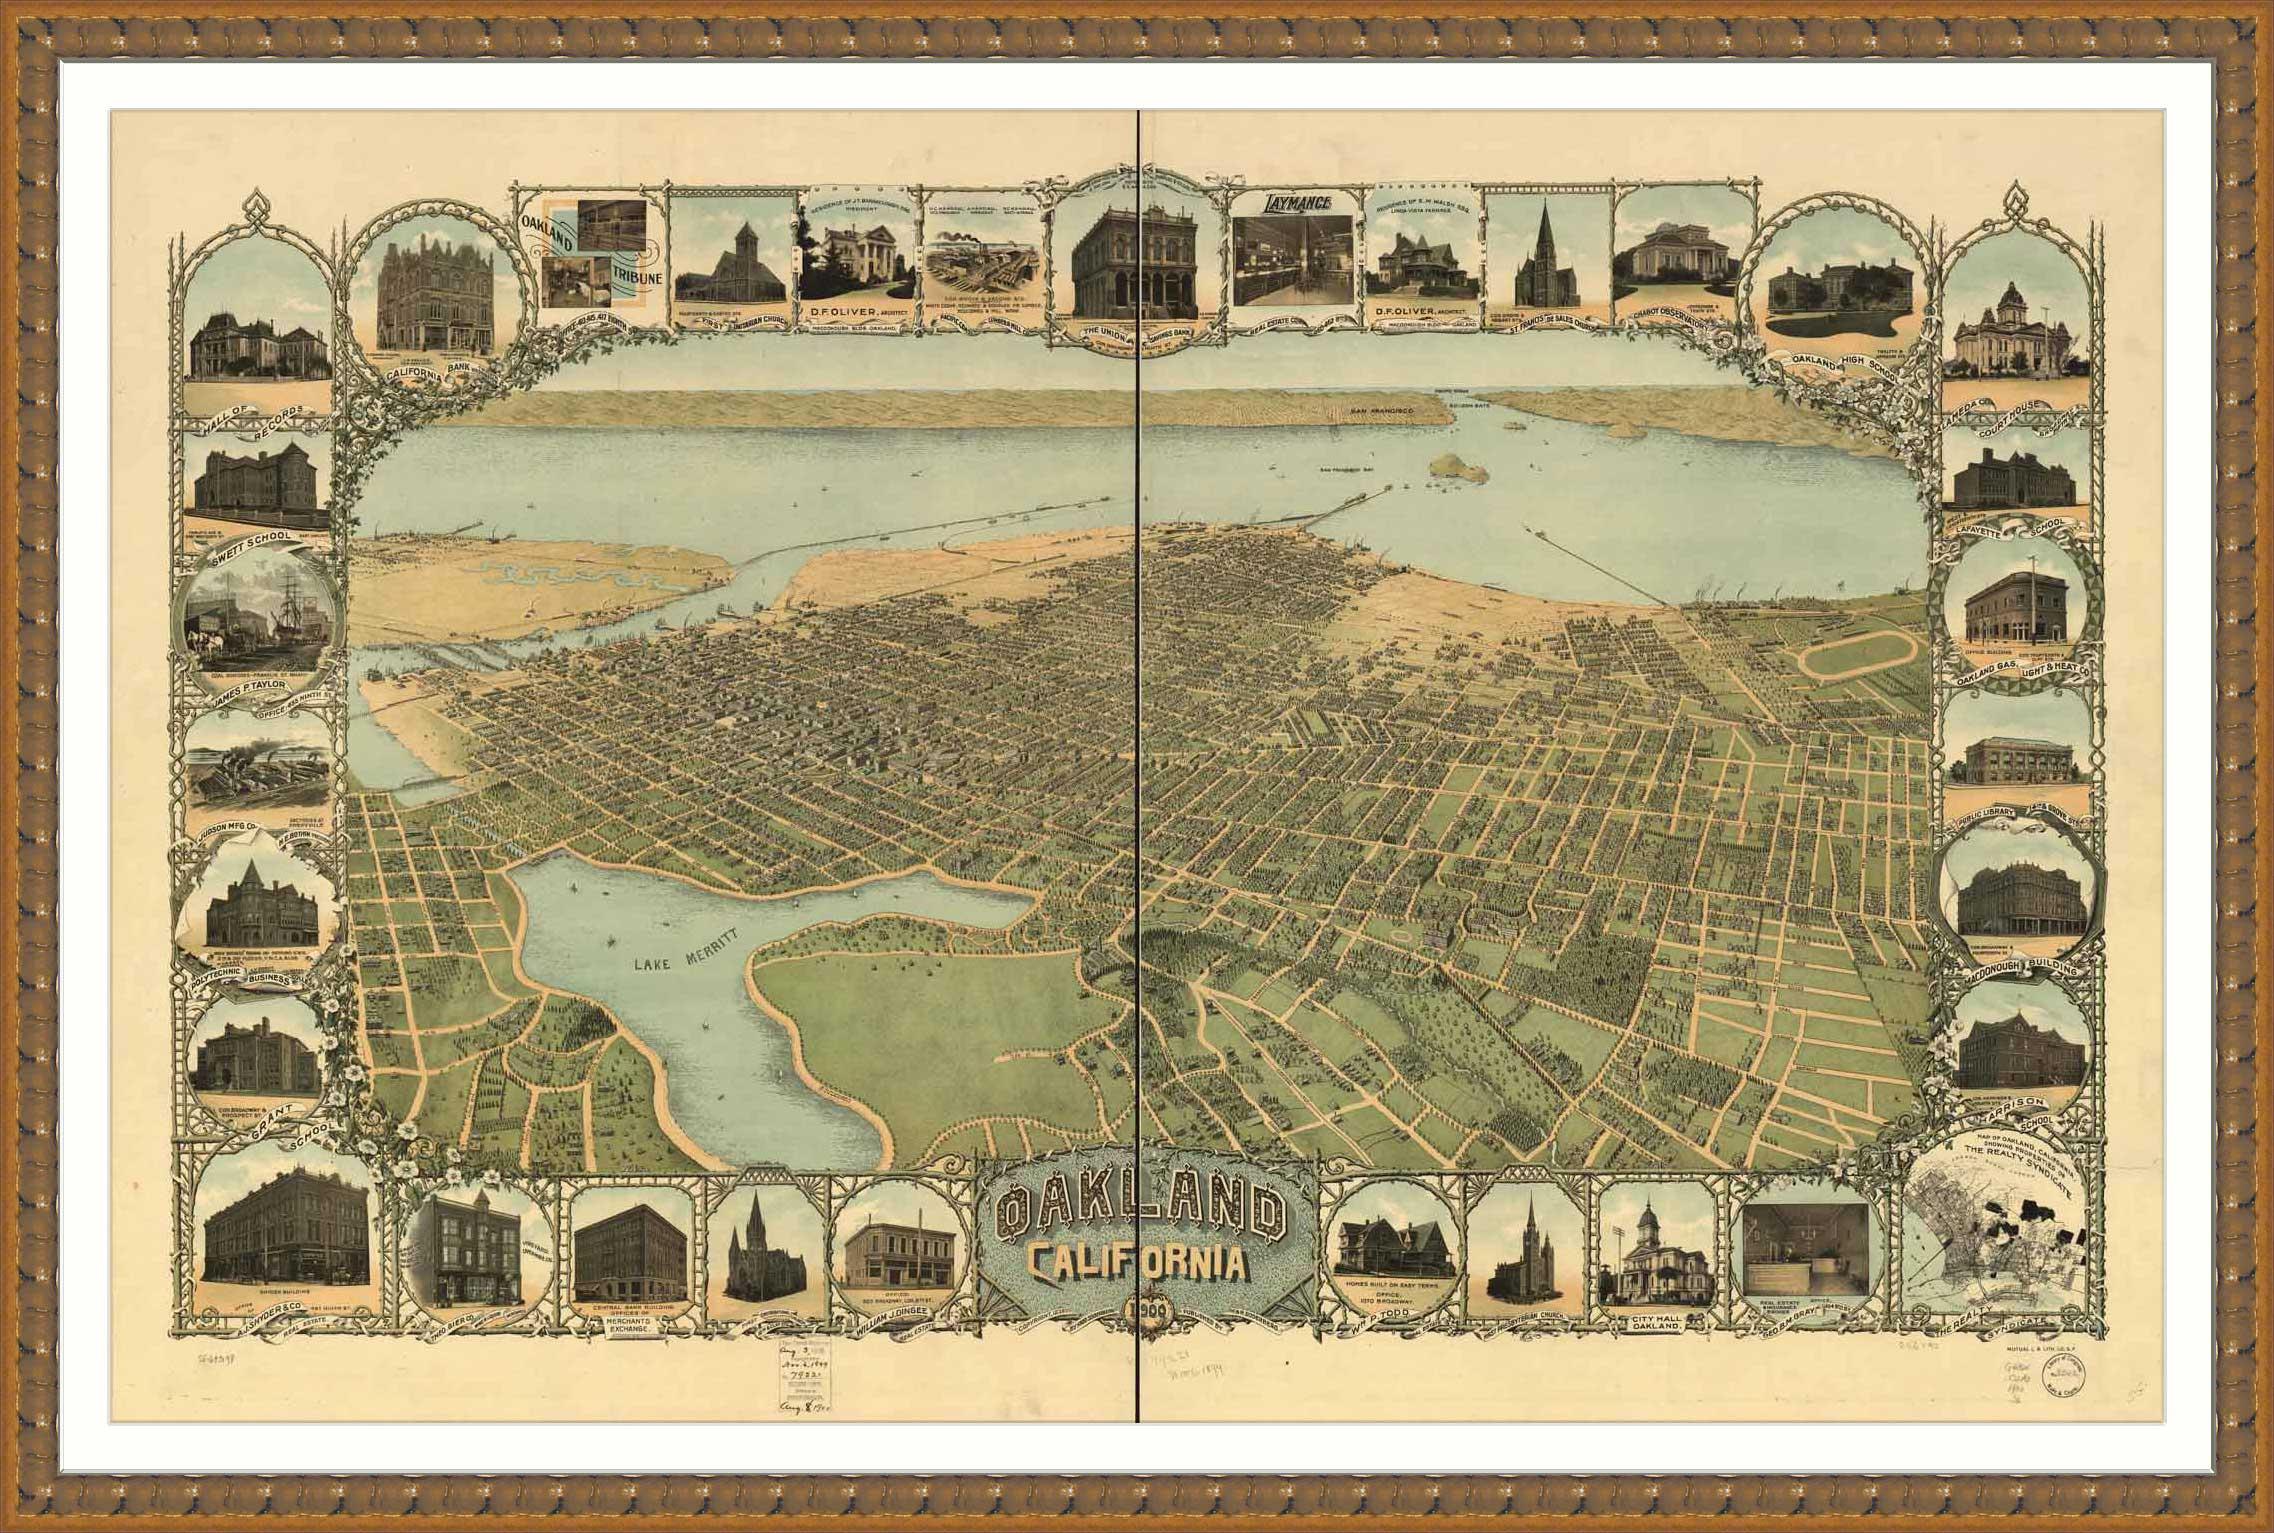 Ca oakland 1900